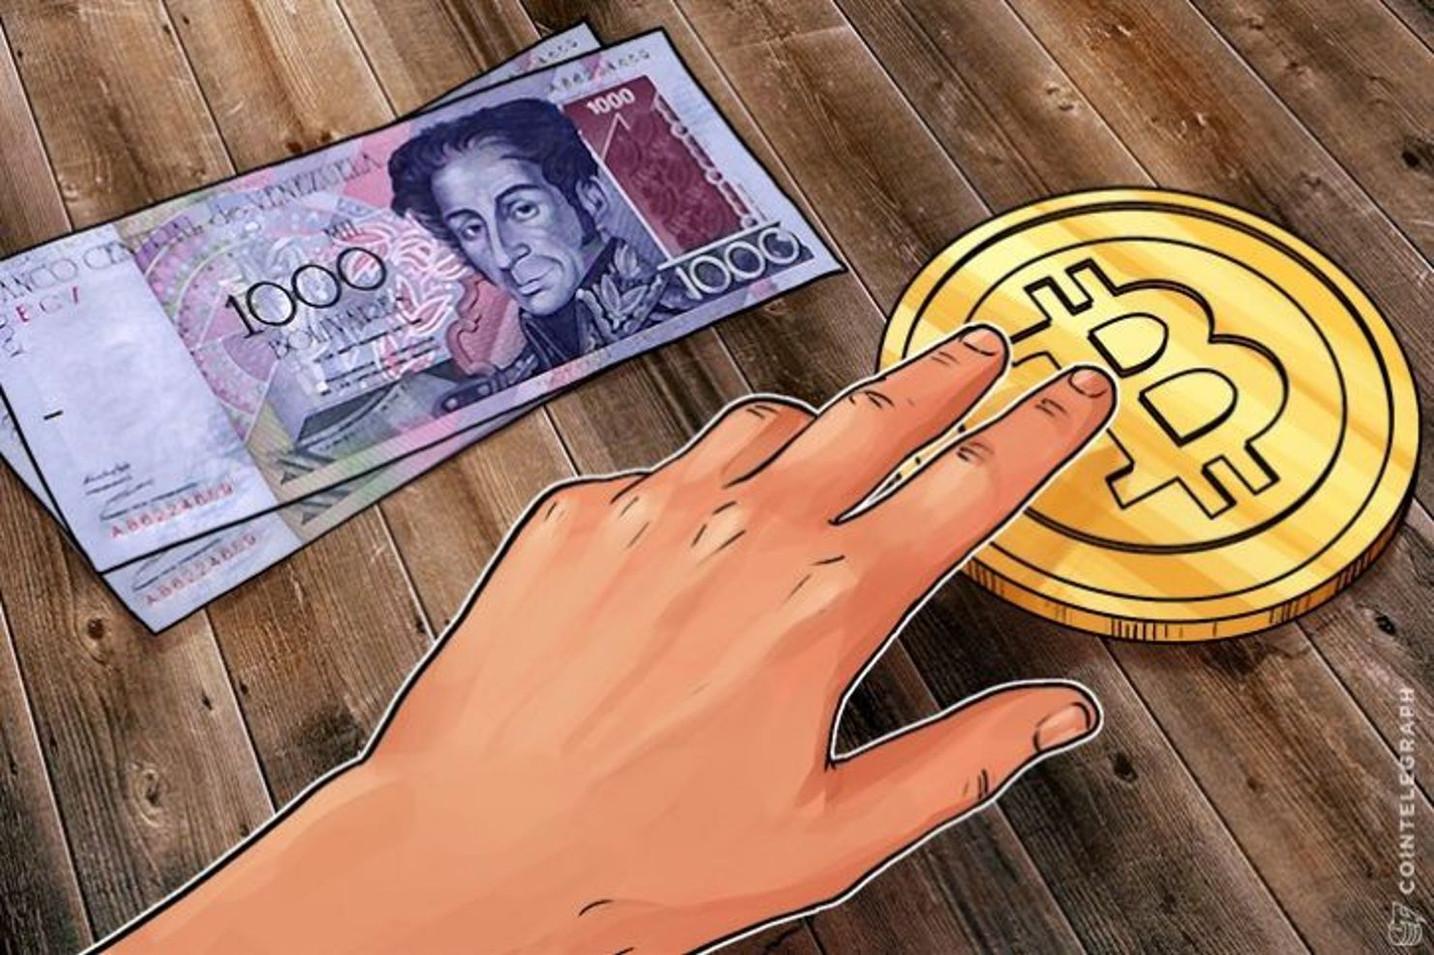 Autoridades venezolanas instan a la banca privada a prestar atención al intercambio de BTC a través de LocalBitcoins